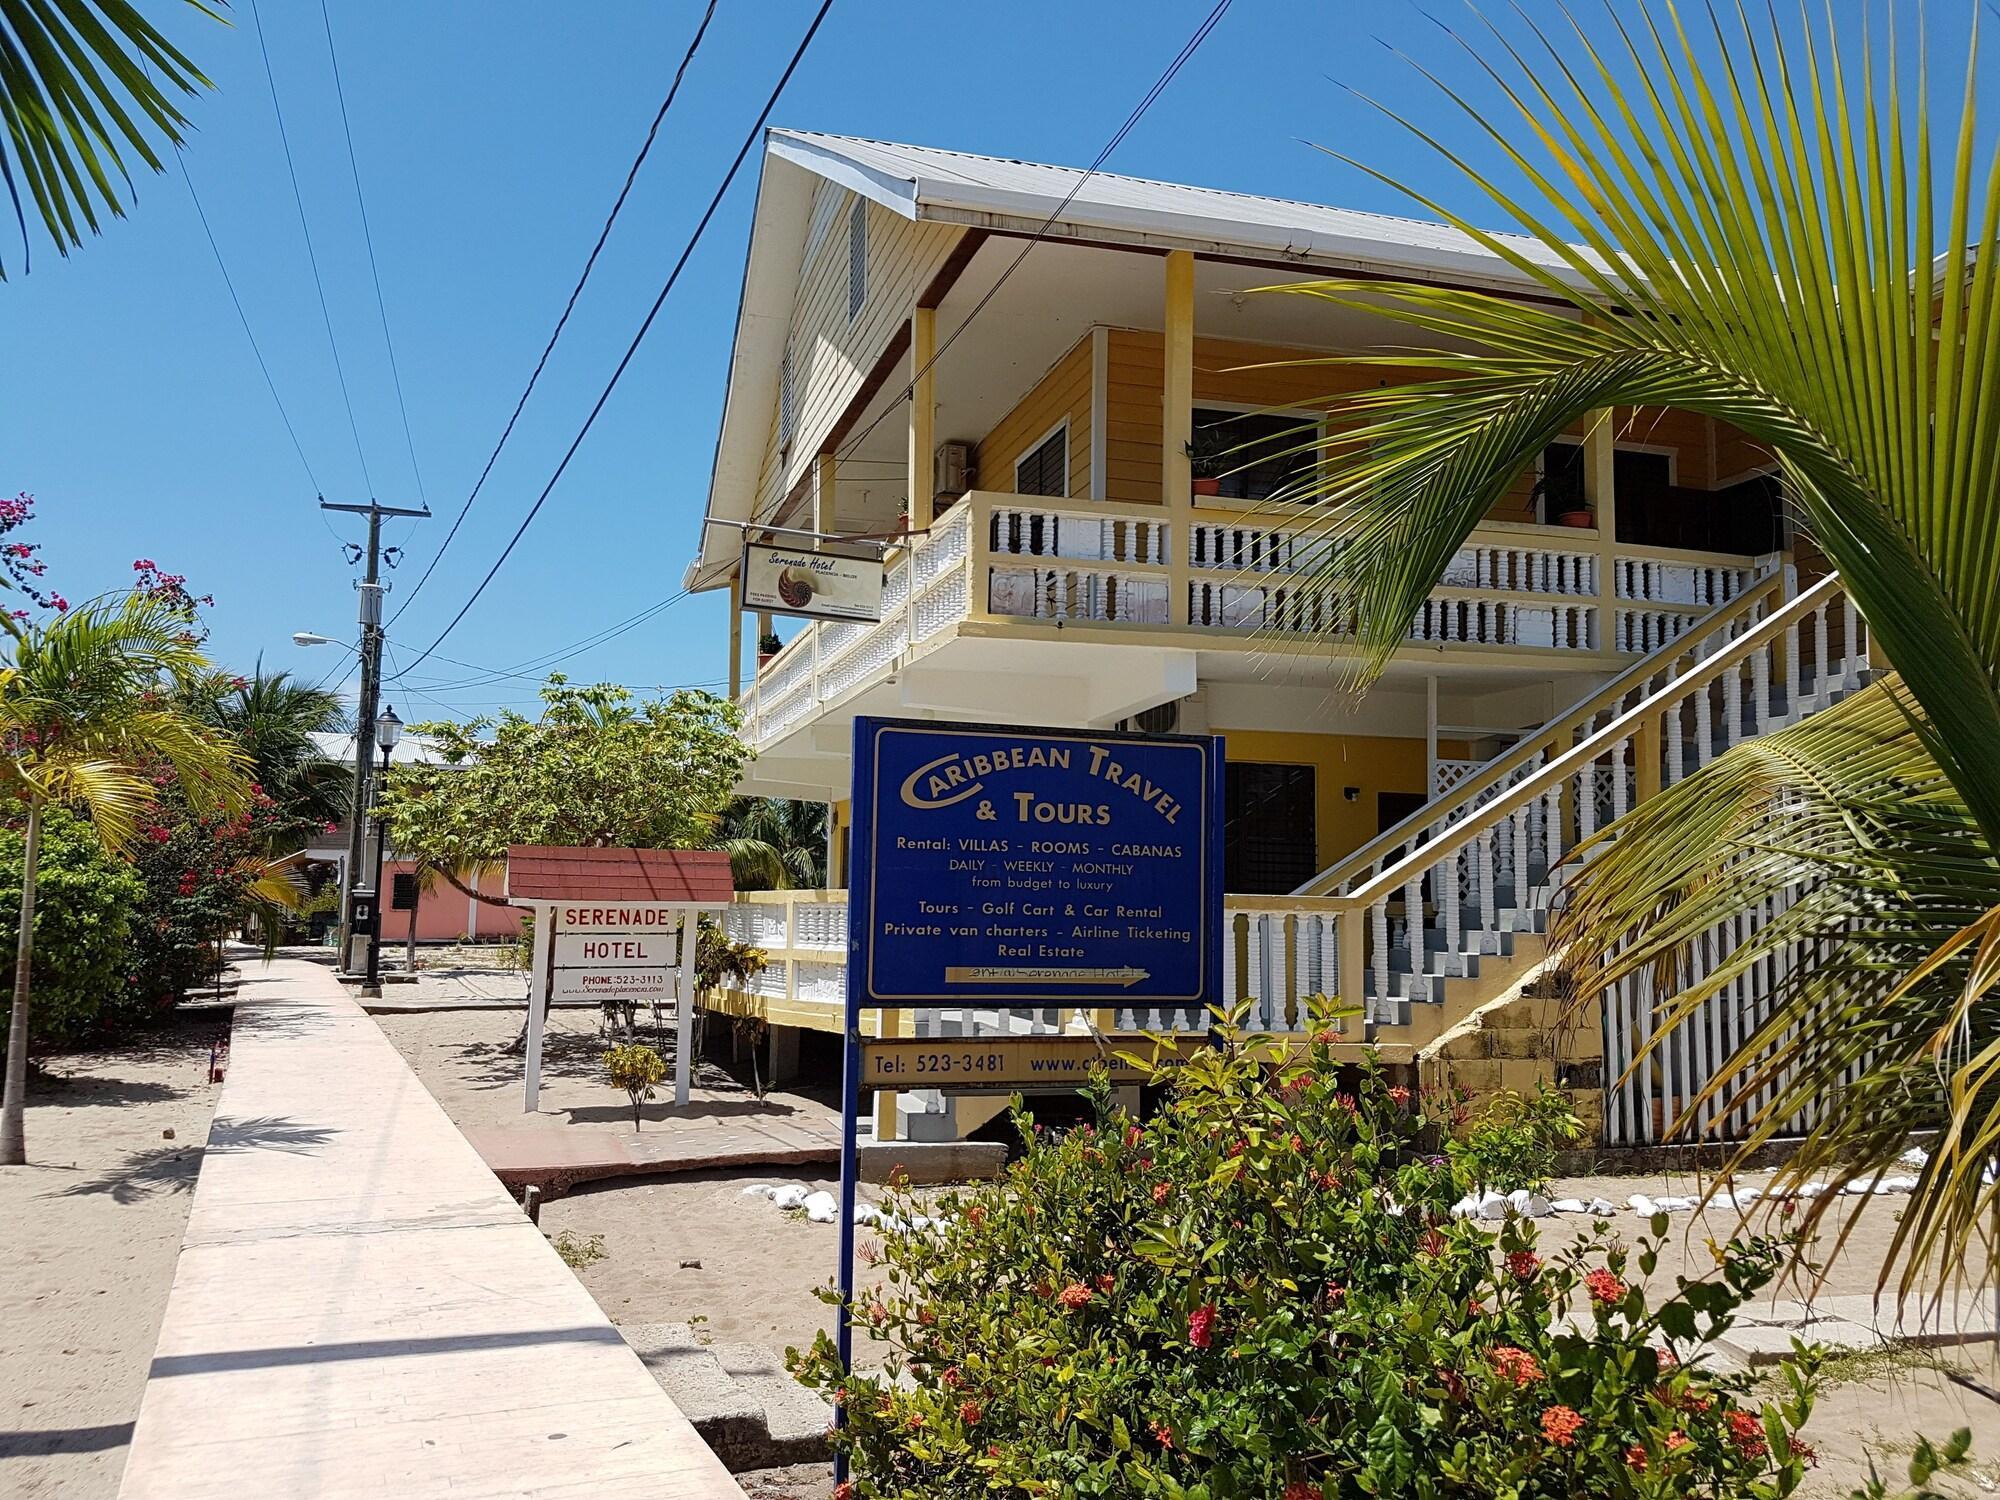 Serenade Hotel från 608 kr. Placencia Hotell KAYAK